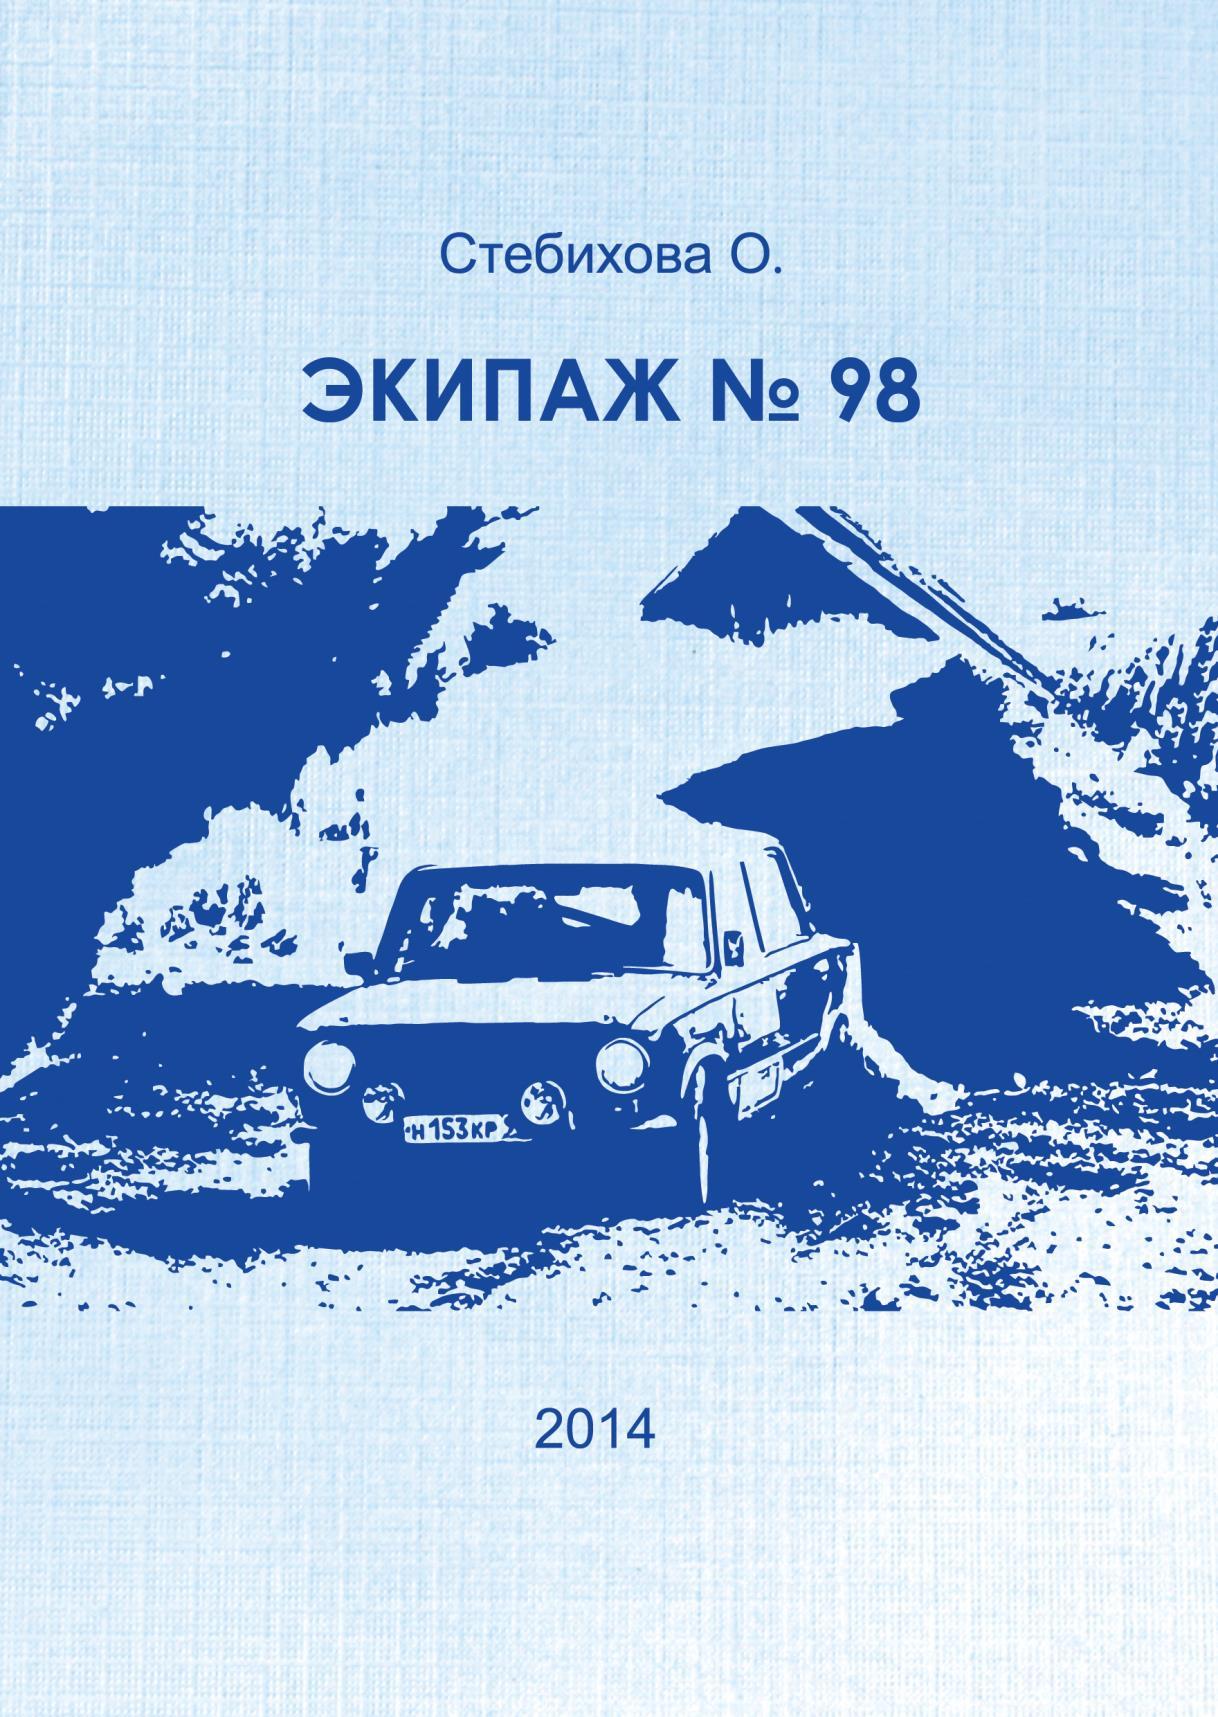 Изображение к книге Экипаж № 98